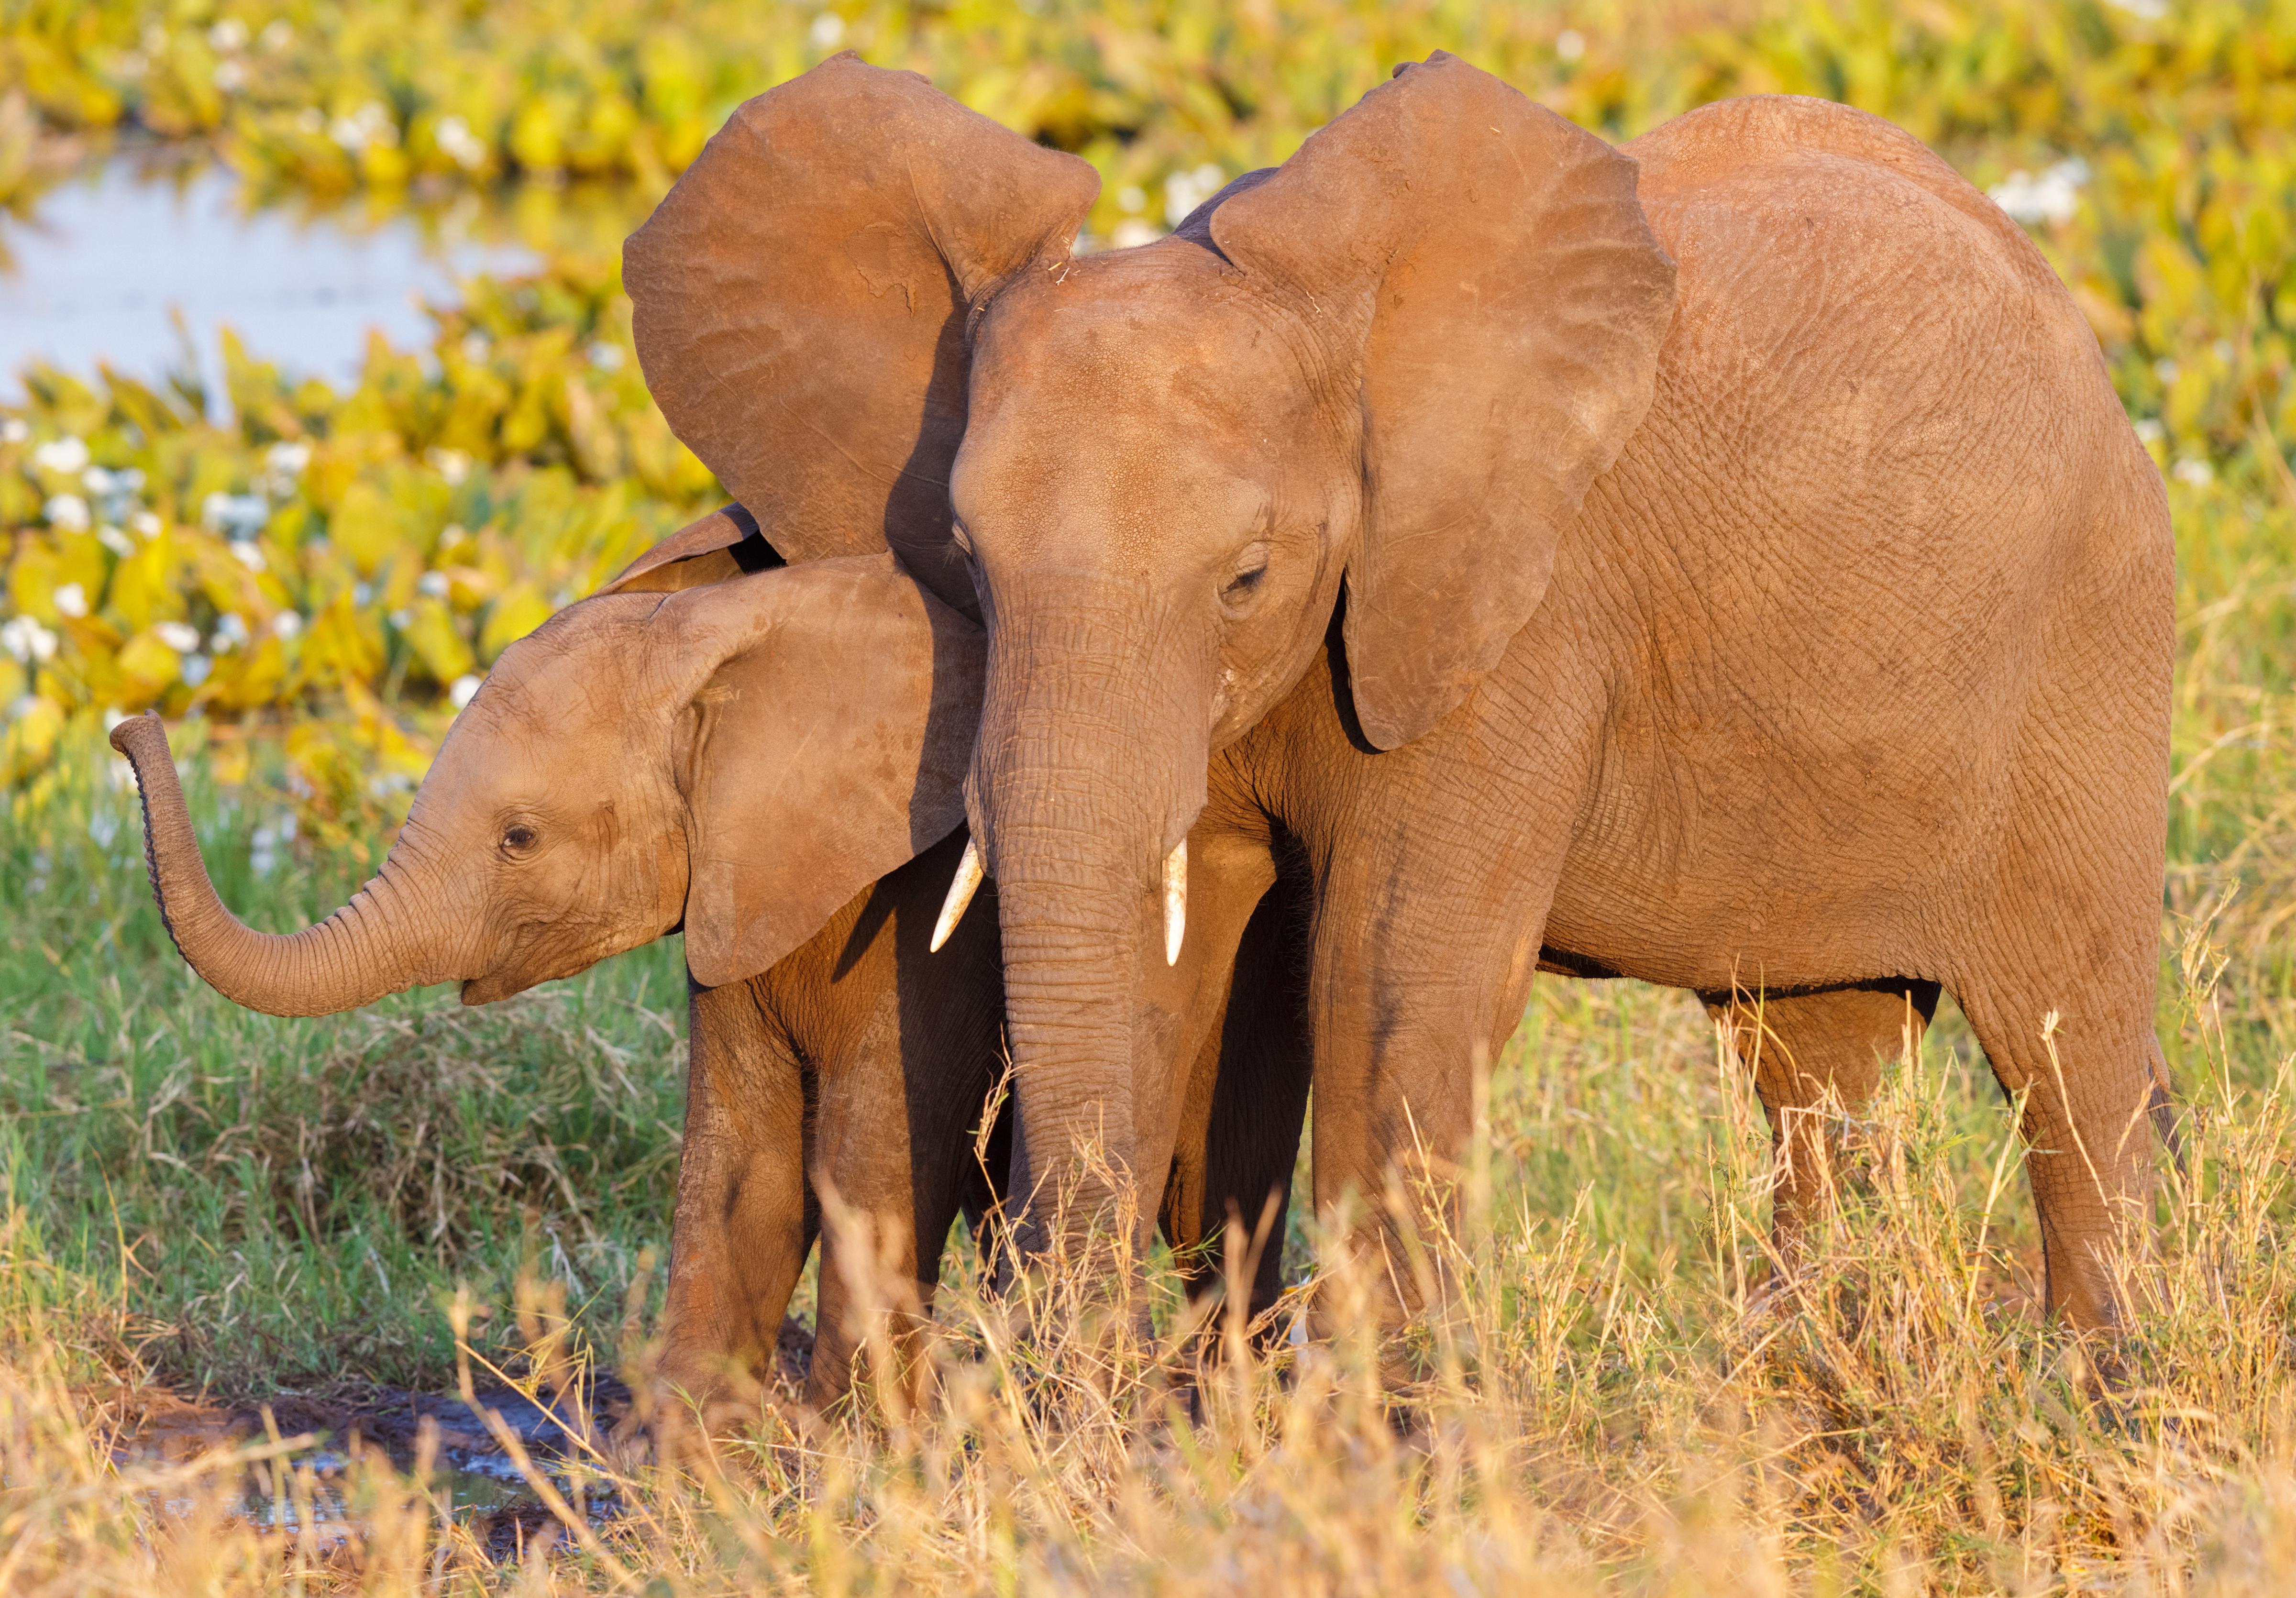 La mayor colonia de elefantes en Tanzania - Kenia Safari Safari Kenia y Tanzania: Ngorongoro